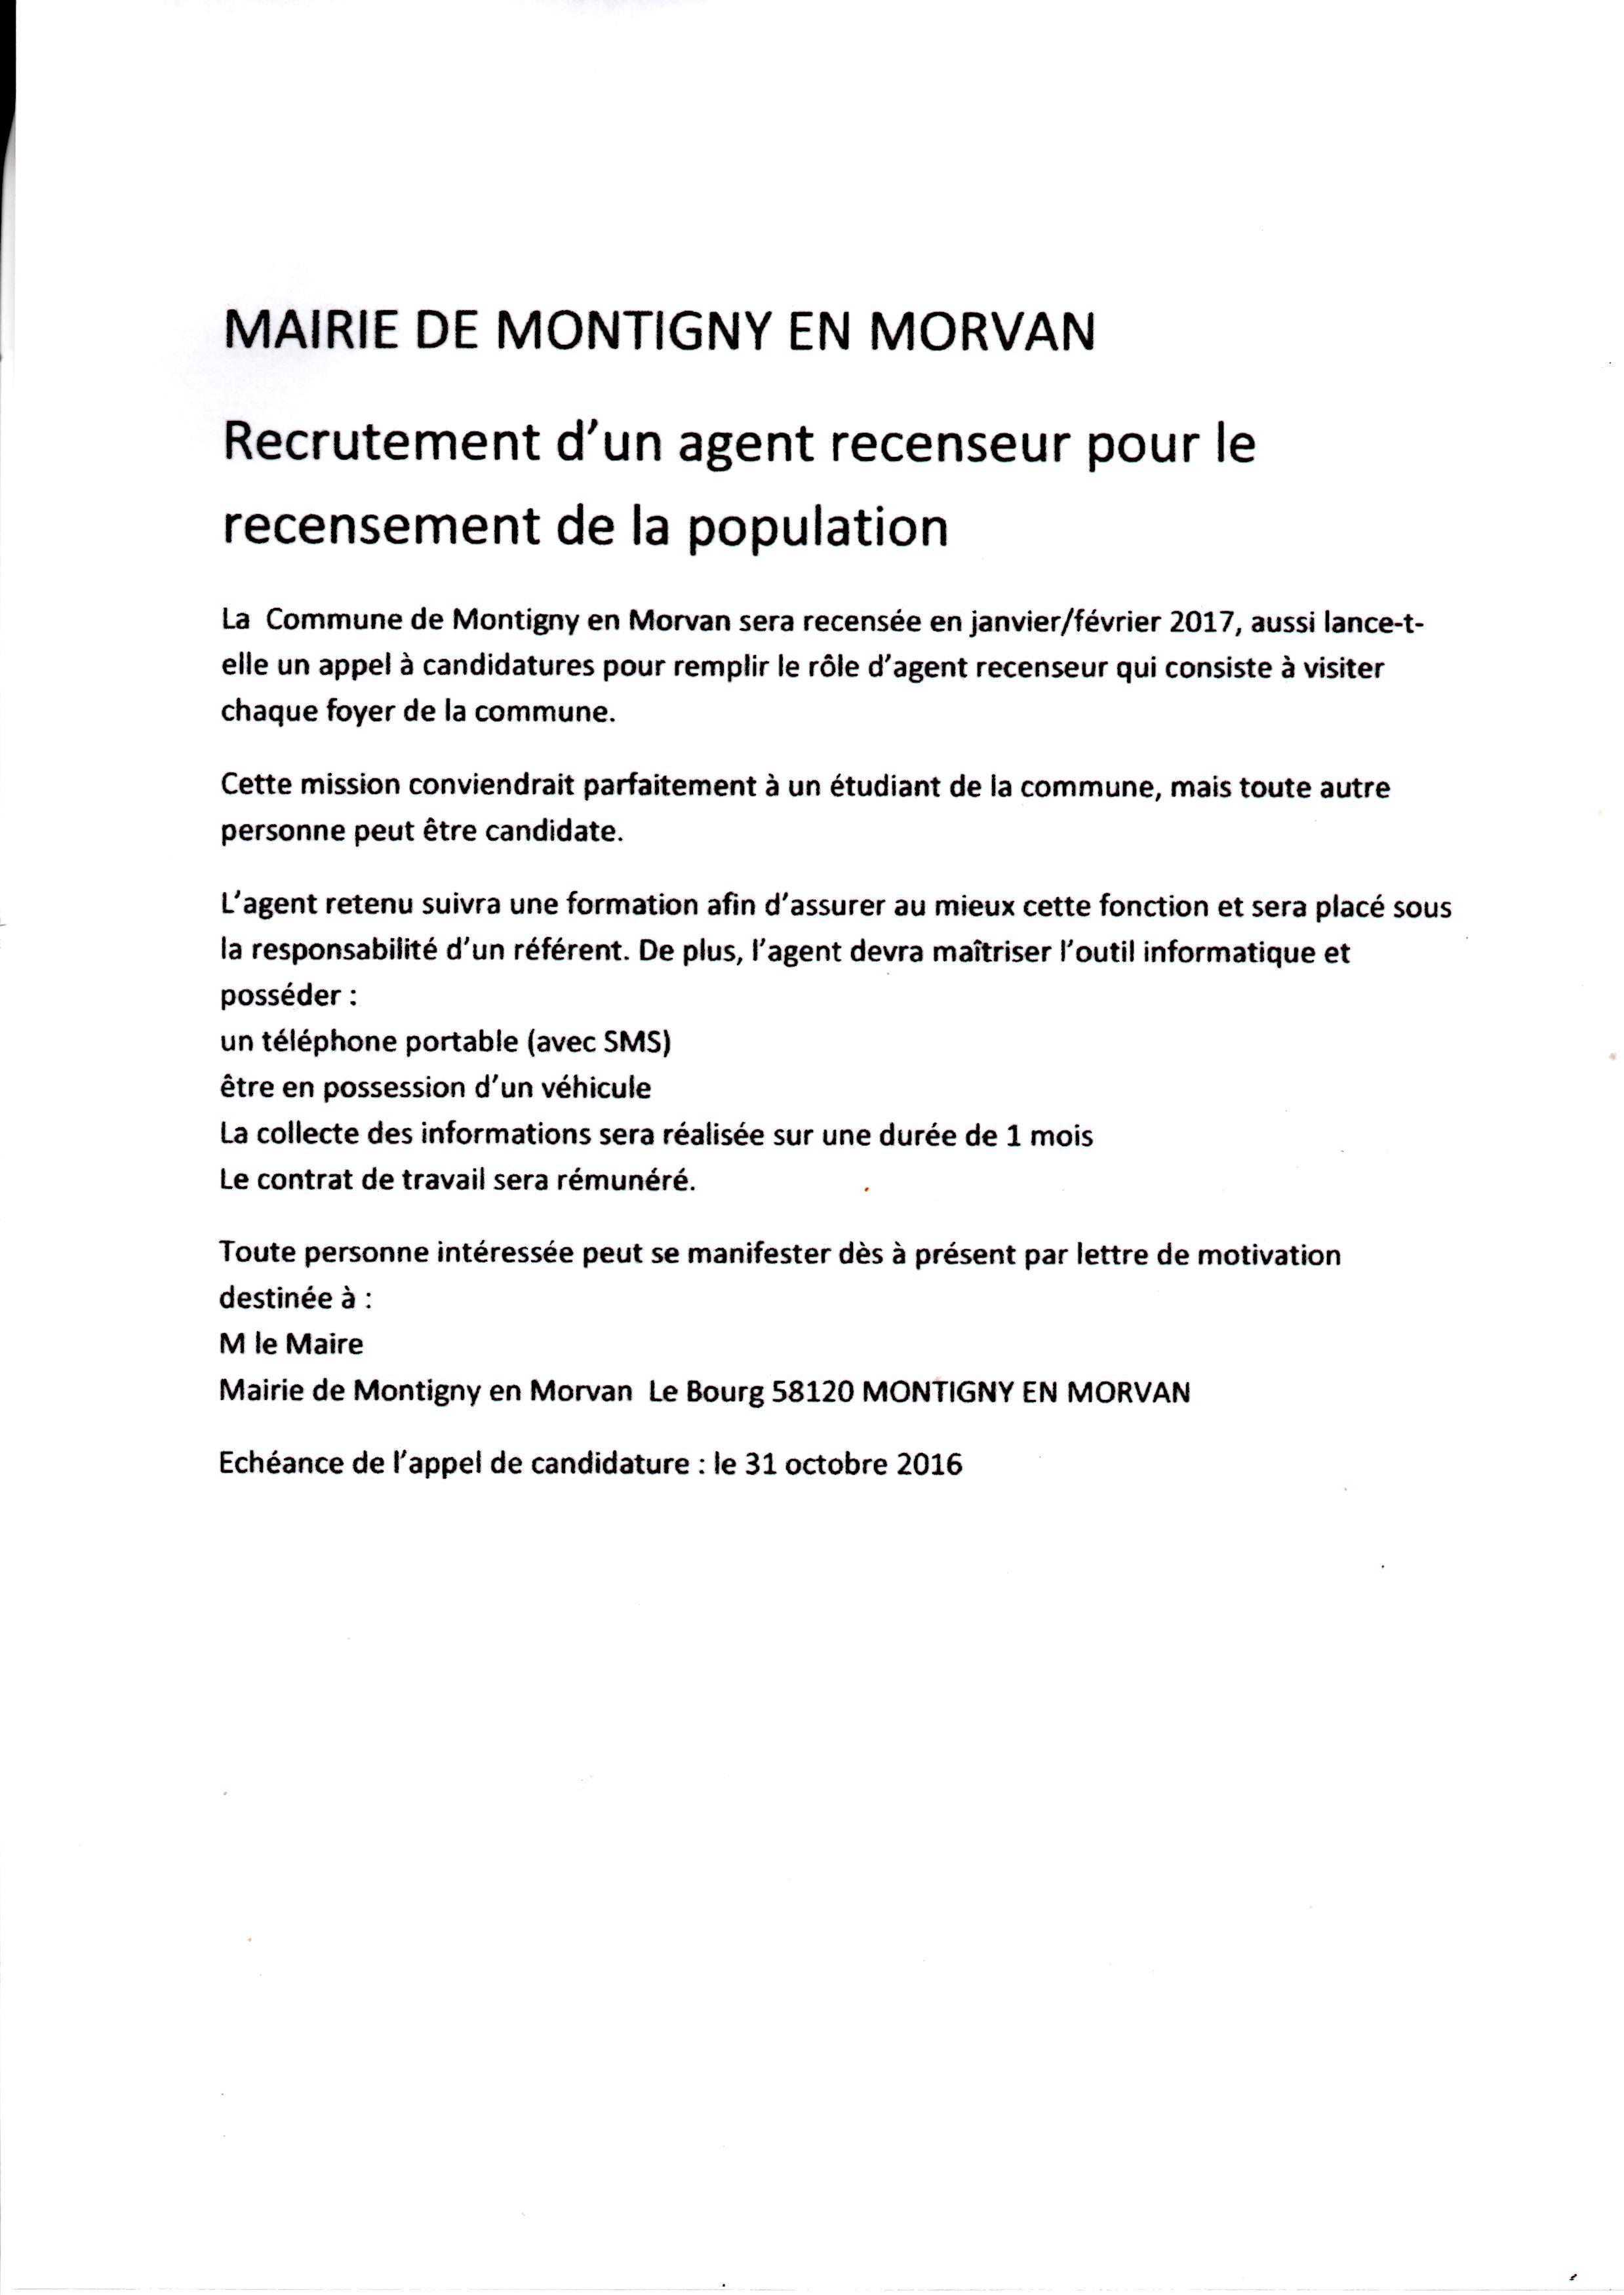 20161012-recrutement